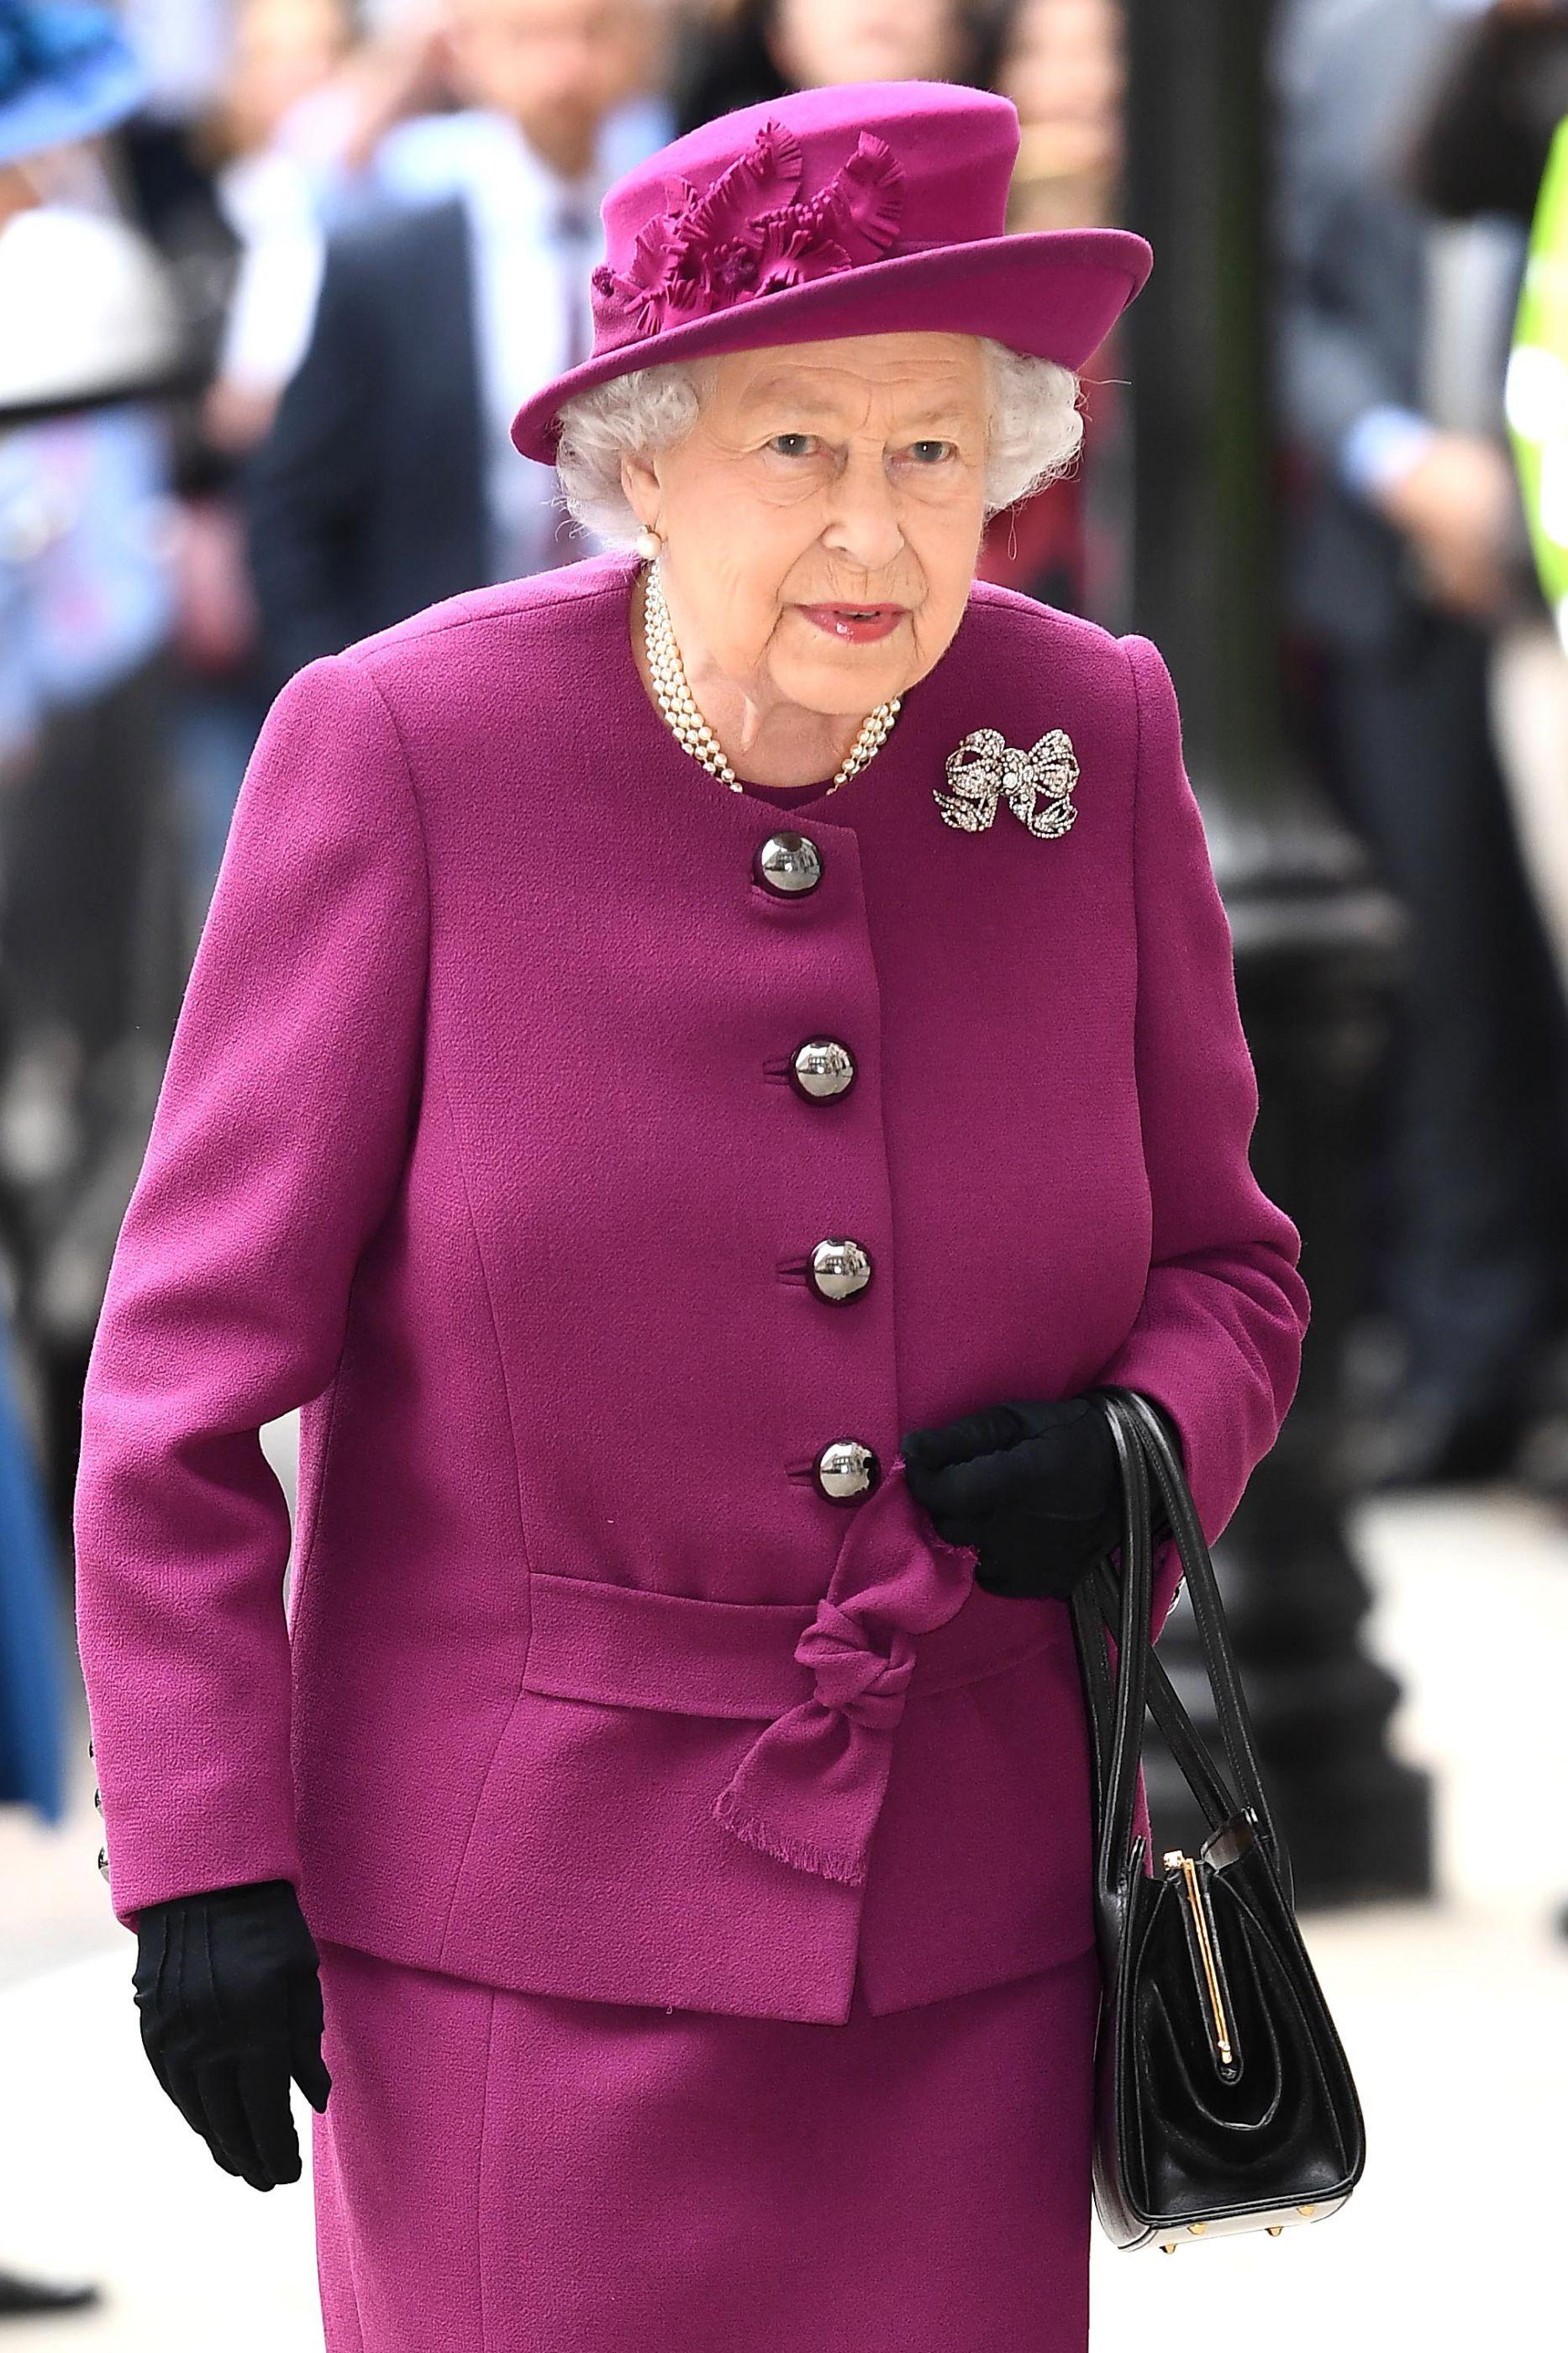 Rainha Isabel II usou um acessório diferente e ninguém reparou